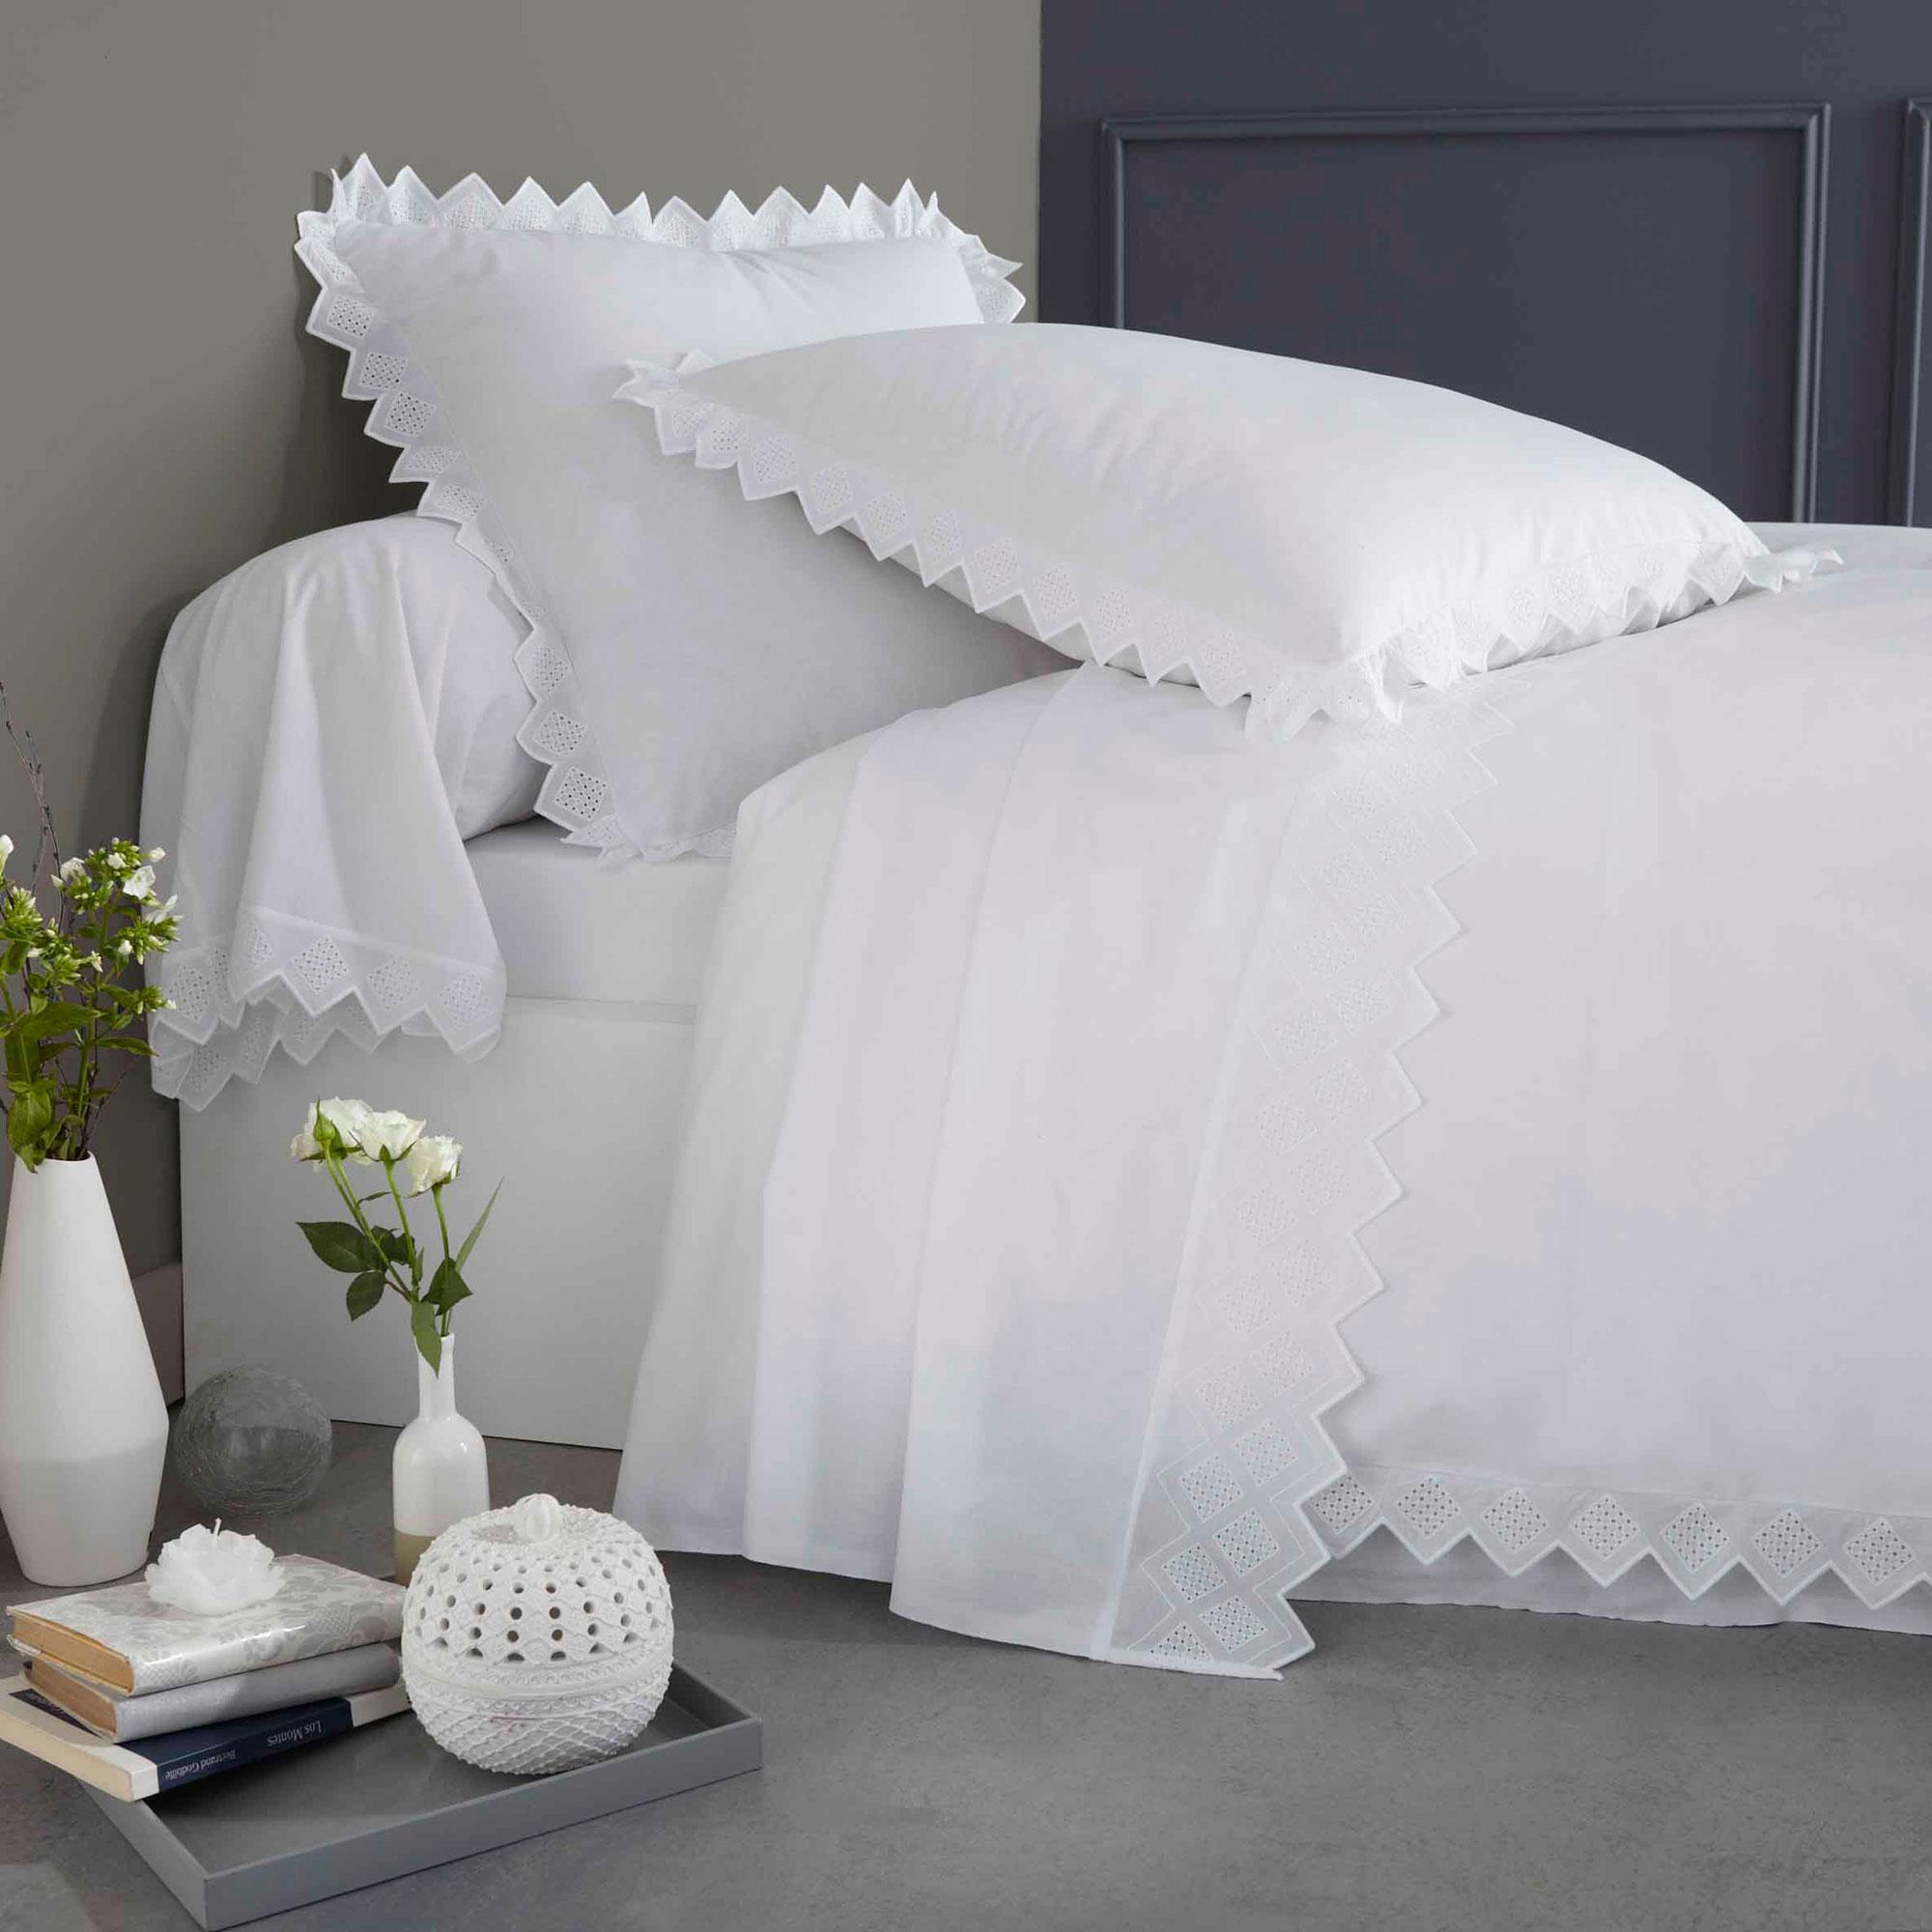 Parure de lit brodé en coton blanc 140x200